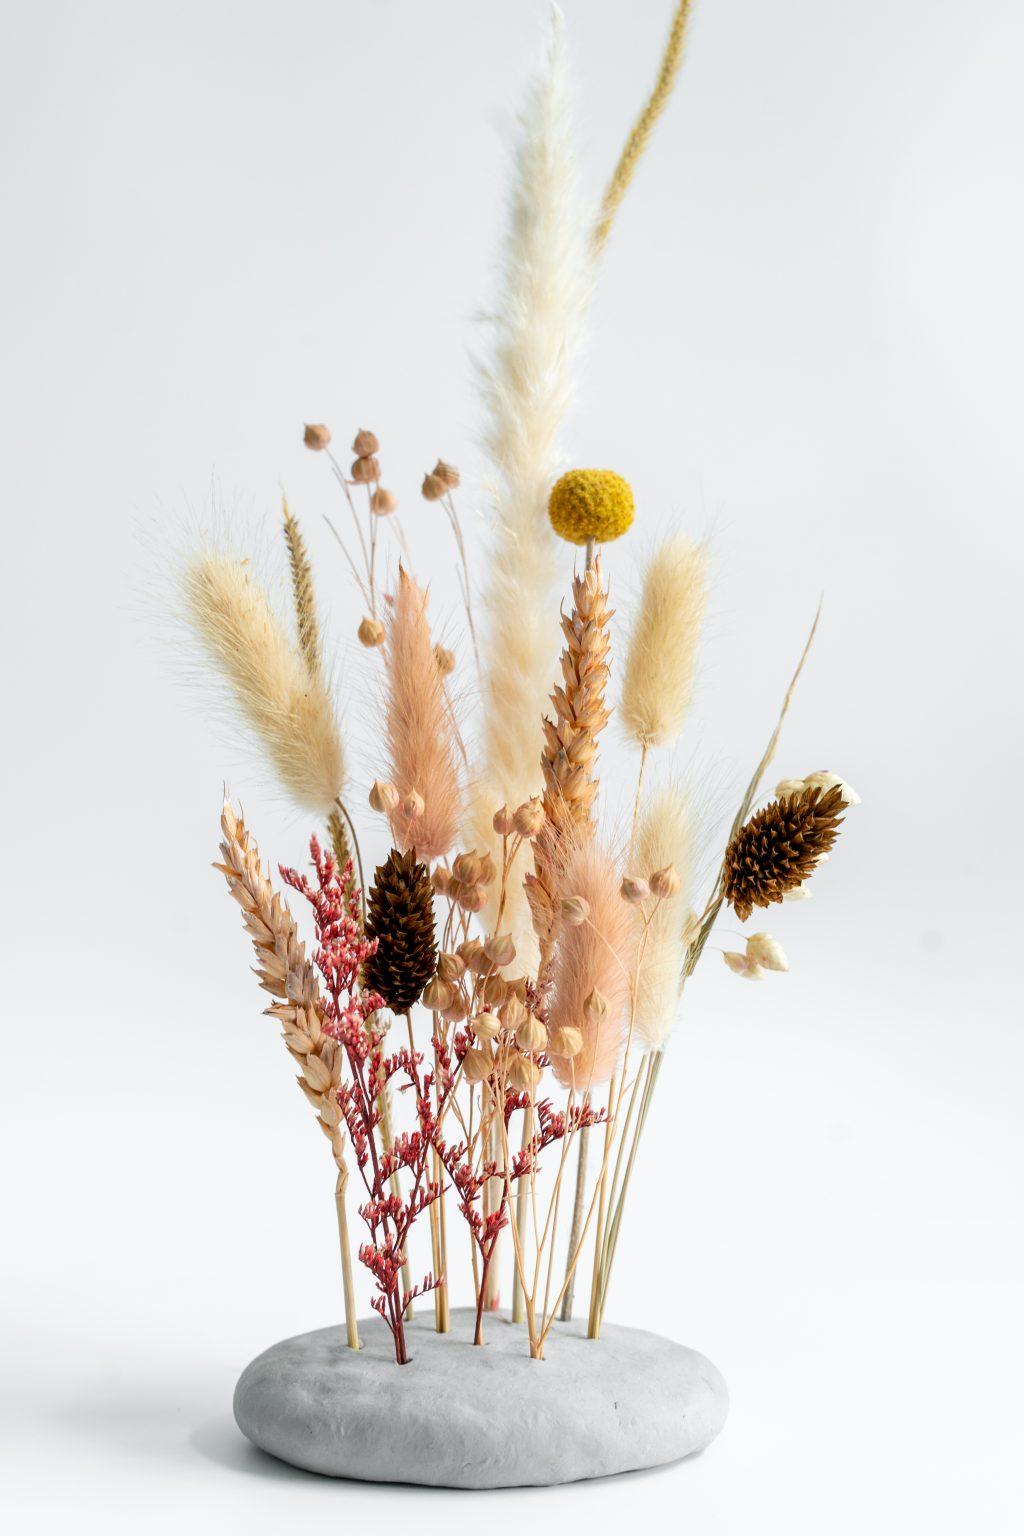 Kleistandaard voor droogbloemen: 3 DIY's op een rijtje!